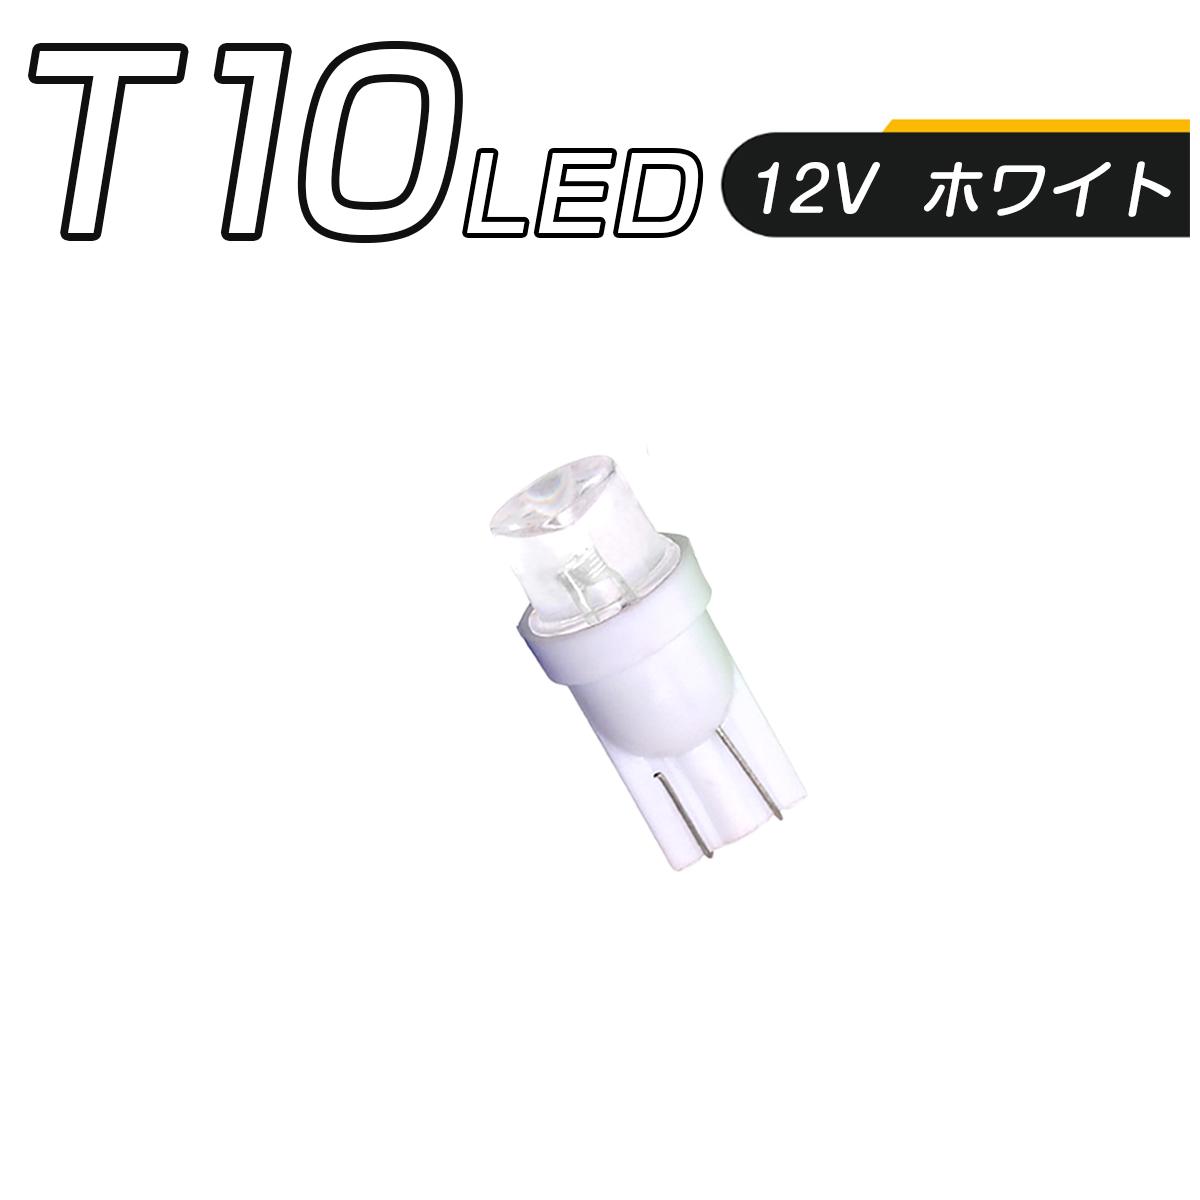 LED T10 白 SMD メーター球 タコランプ インジケーター エアコンパネル ウェッジ球 超拡散 全面発光 2個セット SDM便送料無料 1ヶ月保証